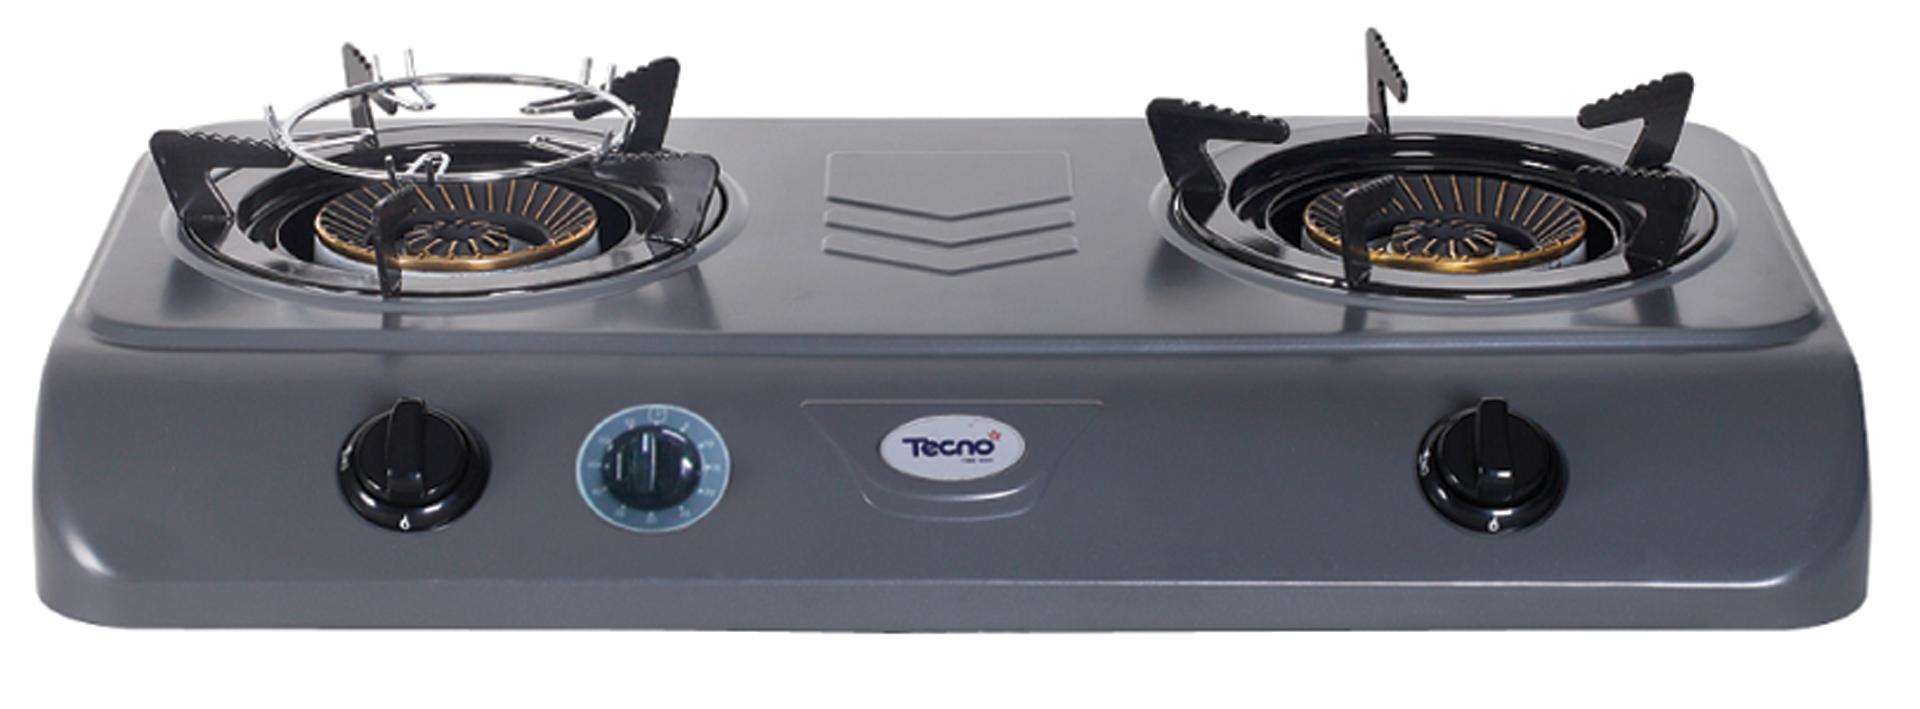 เตาแก๊ส Tecnogas รุ่นTNS G 04 (.02)(ปรับ timer)